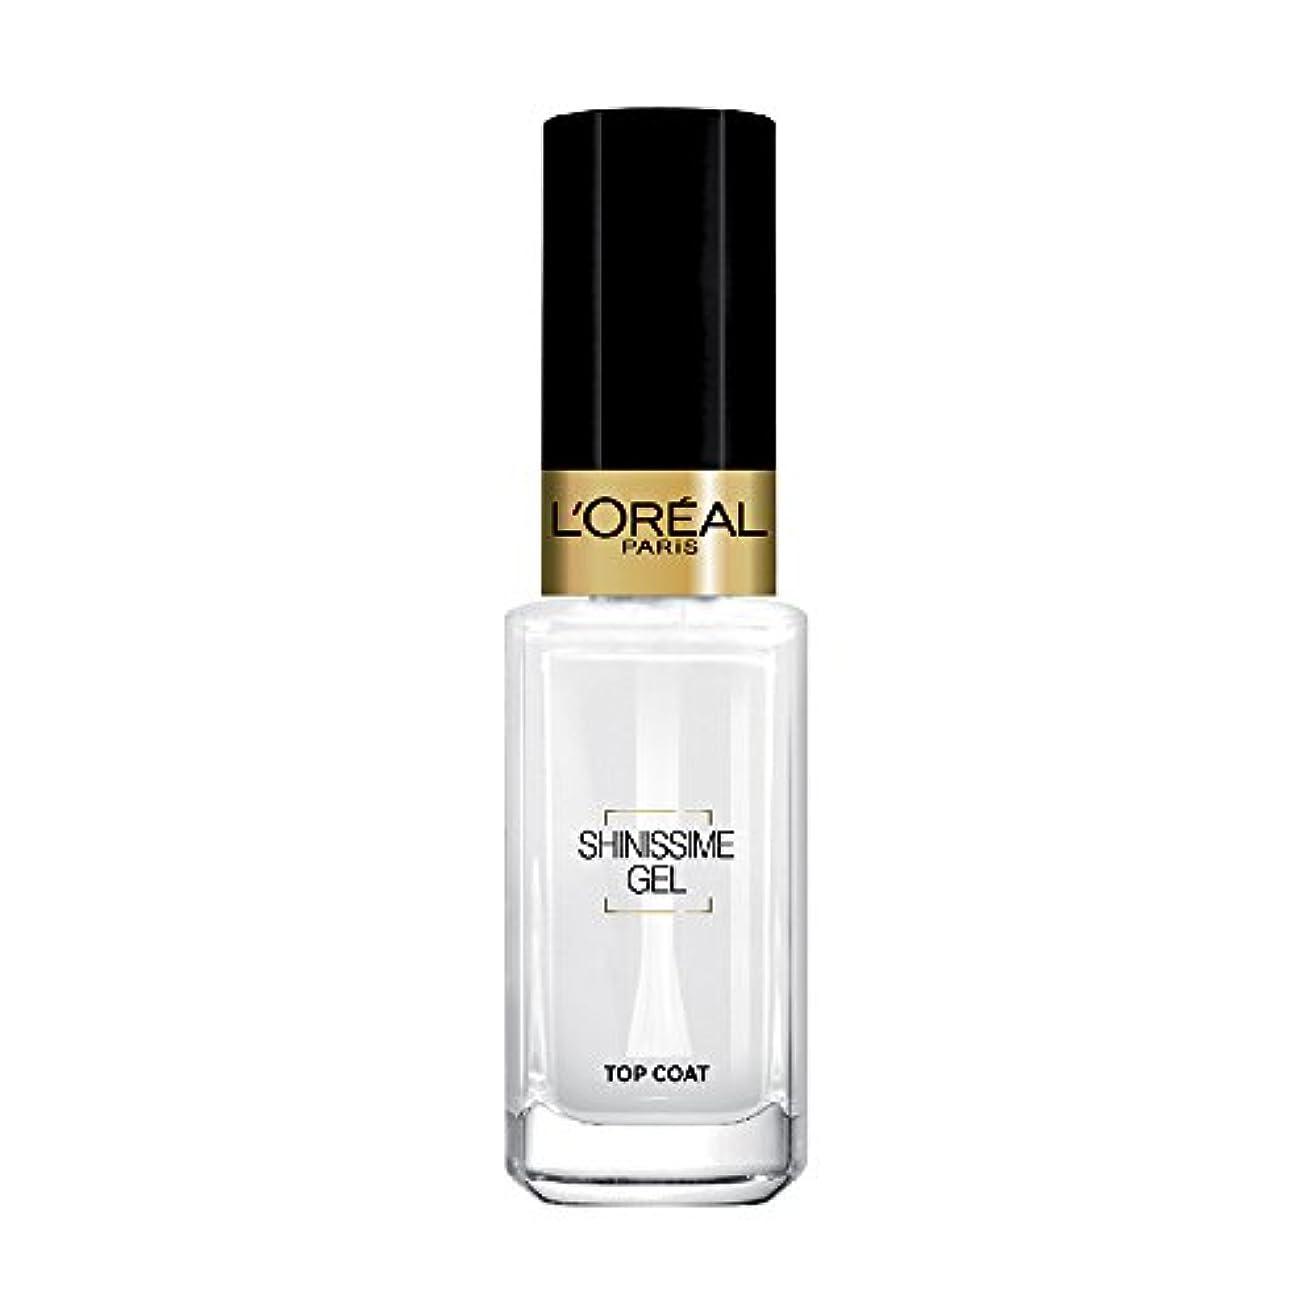 フロンティア帆反乱L 'Oréal Paris shinissime Gel Top Coat effekt gel